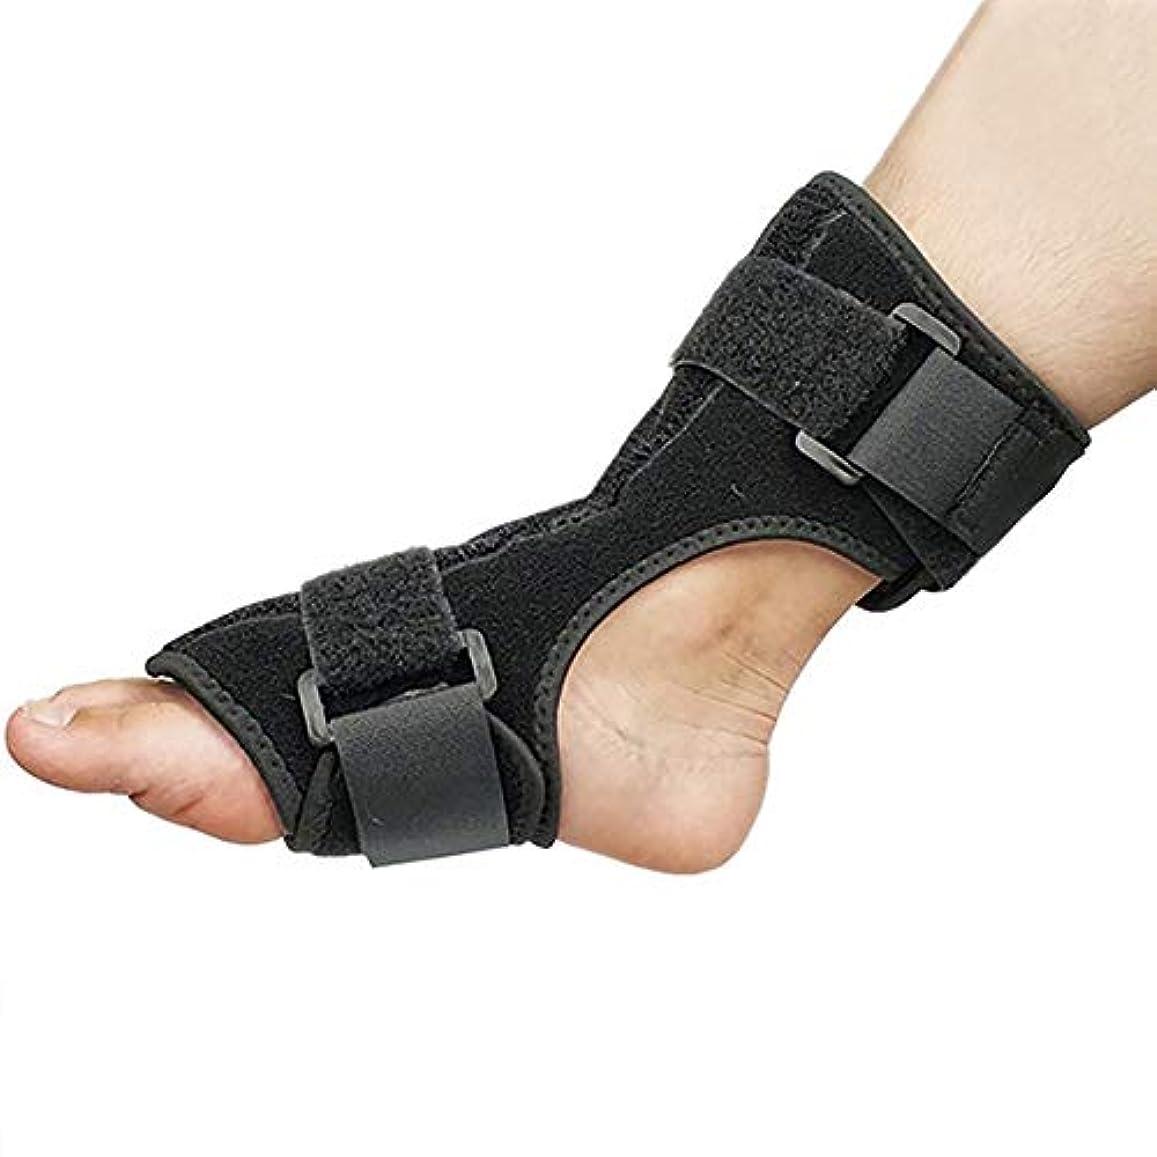 足首のサポート 足用補助装具 アキレス腱 素足の保護 たるみの修正 固定の強化 創傷の足の支持 1枚 左右兼用